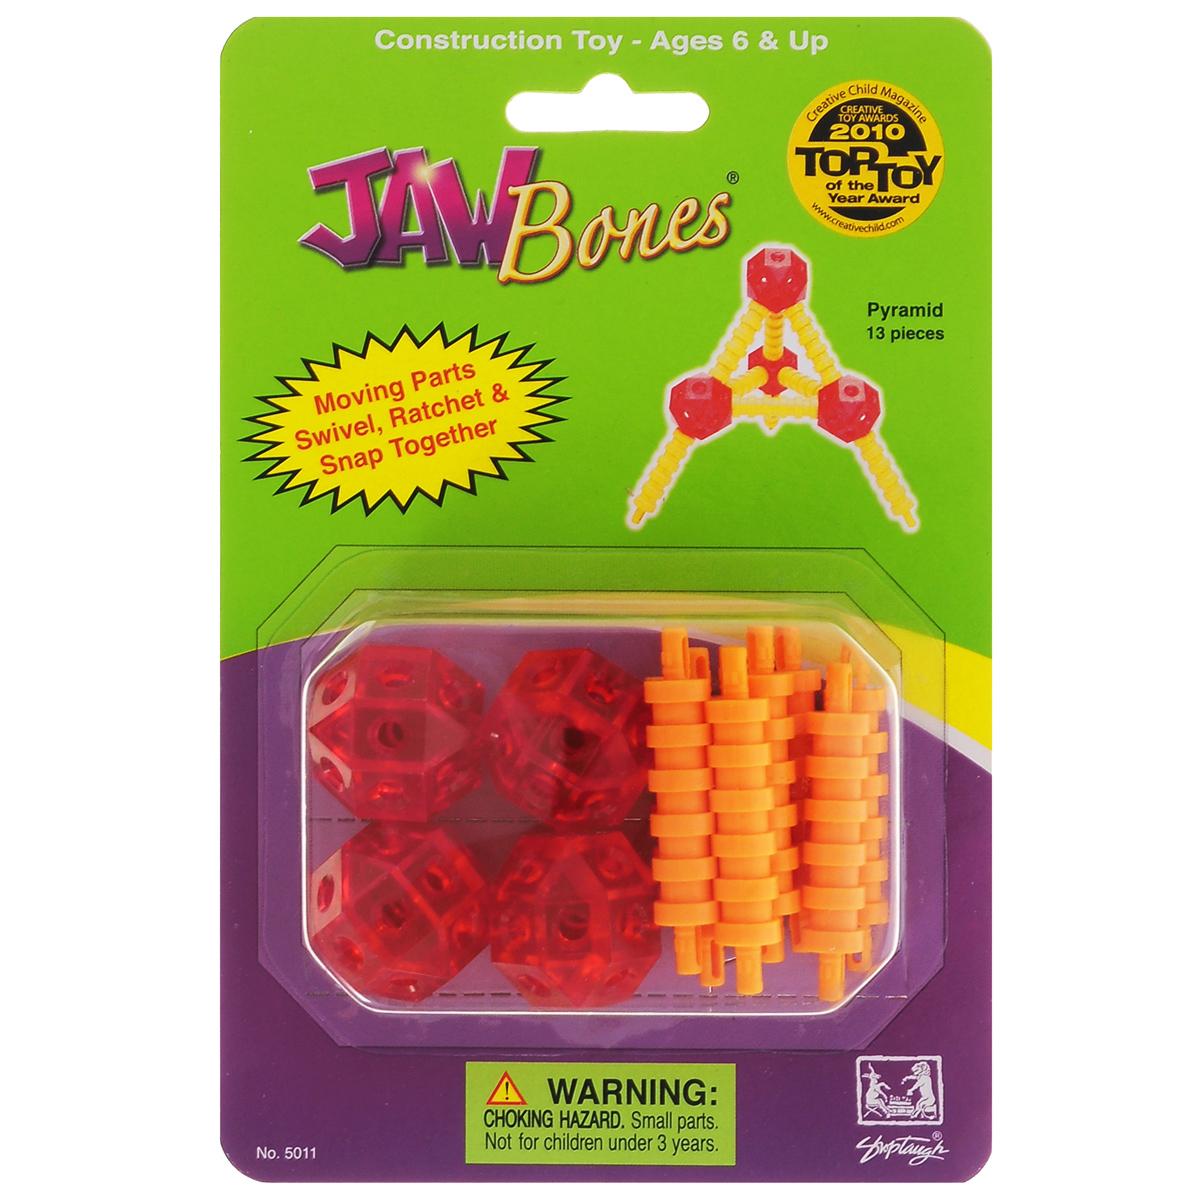 Jawbones Конструктор Пирамида5011Новый развивающий конструктор Jawbones непременно понравится вашему ребенку! При помощи красочных деталей, с уникальным креплением, можно собрать пирамиду в оригинальном и неповторимом стиле. Конструктор состоит из 13 элементов разного размера, цвета и назначения. Ваш ребенок с удовольствием будет играть с конструктором, придумывая различные истории.